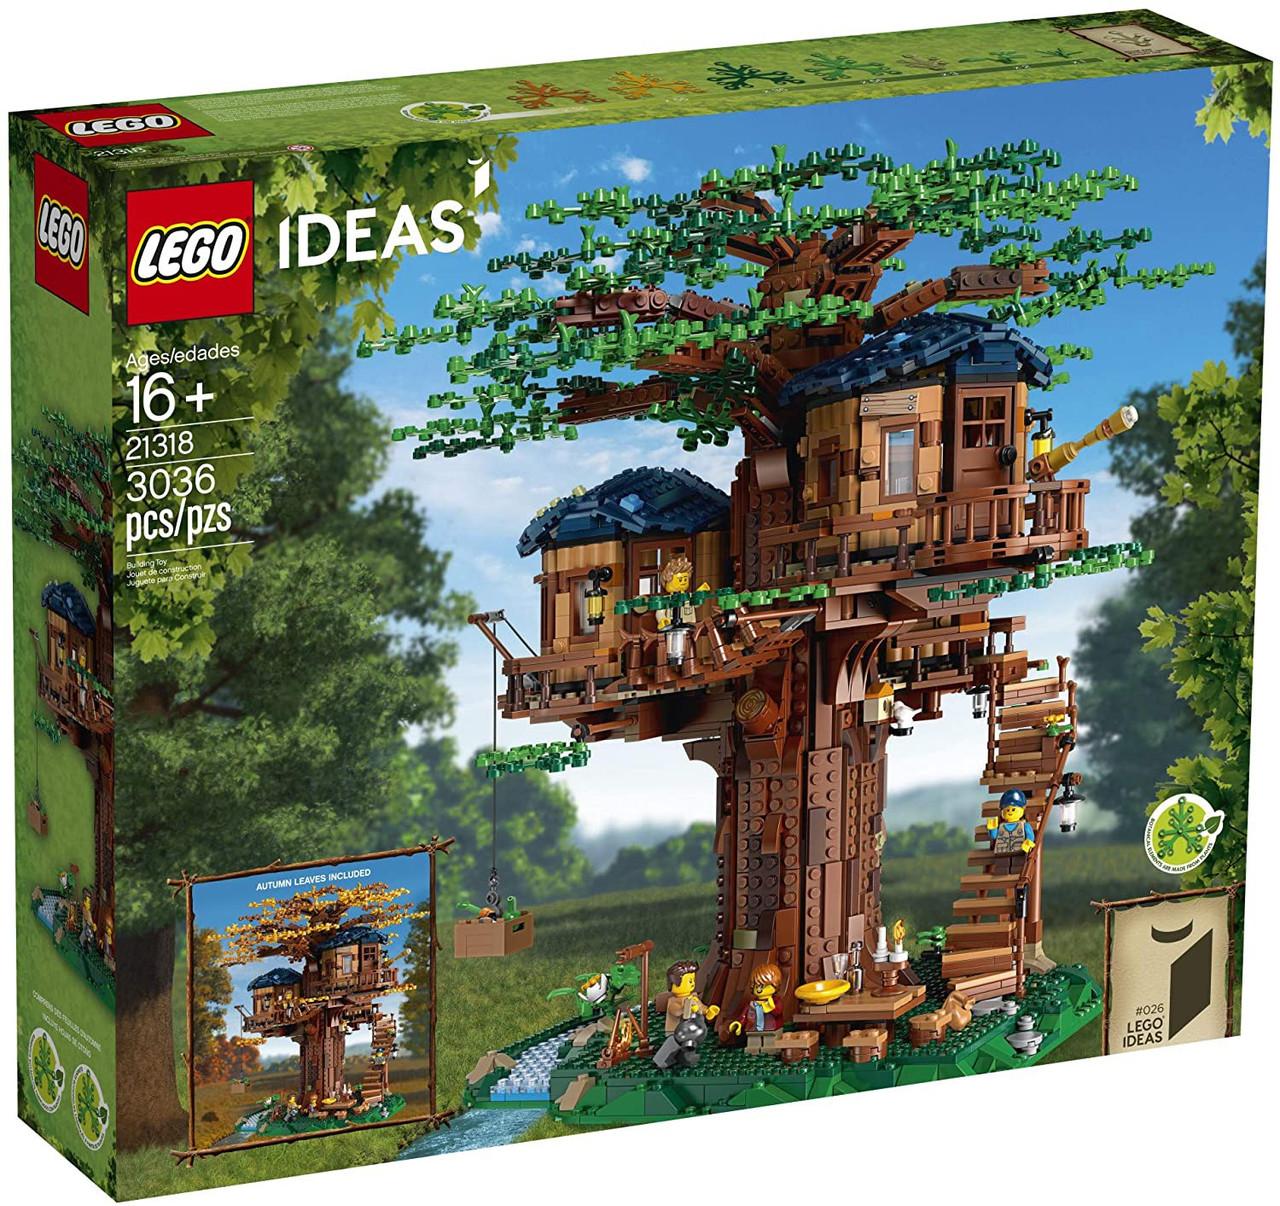 LEGO Ideas Tree House Set 21318 - ToyWiz